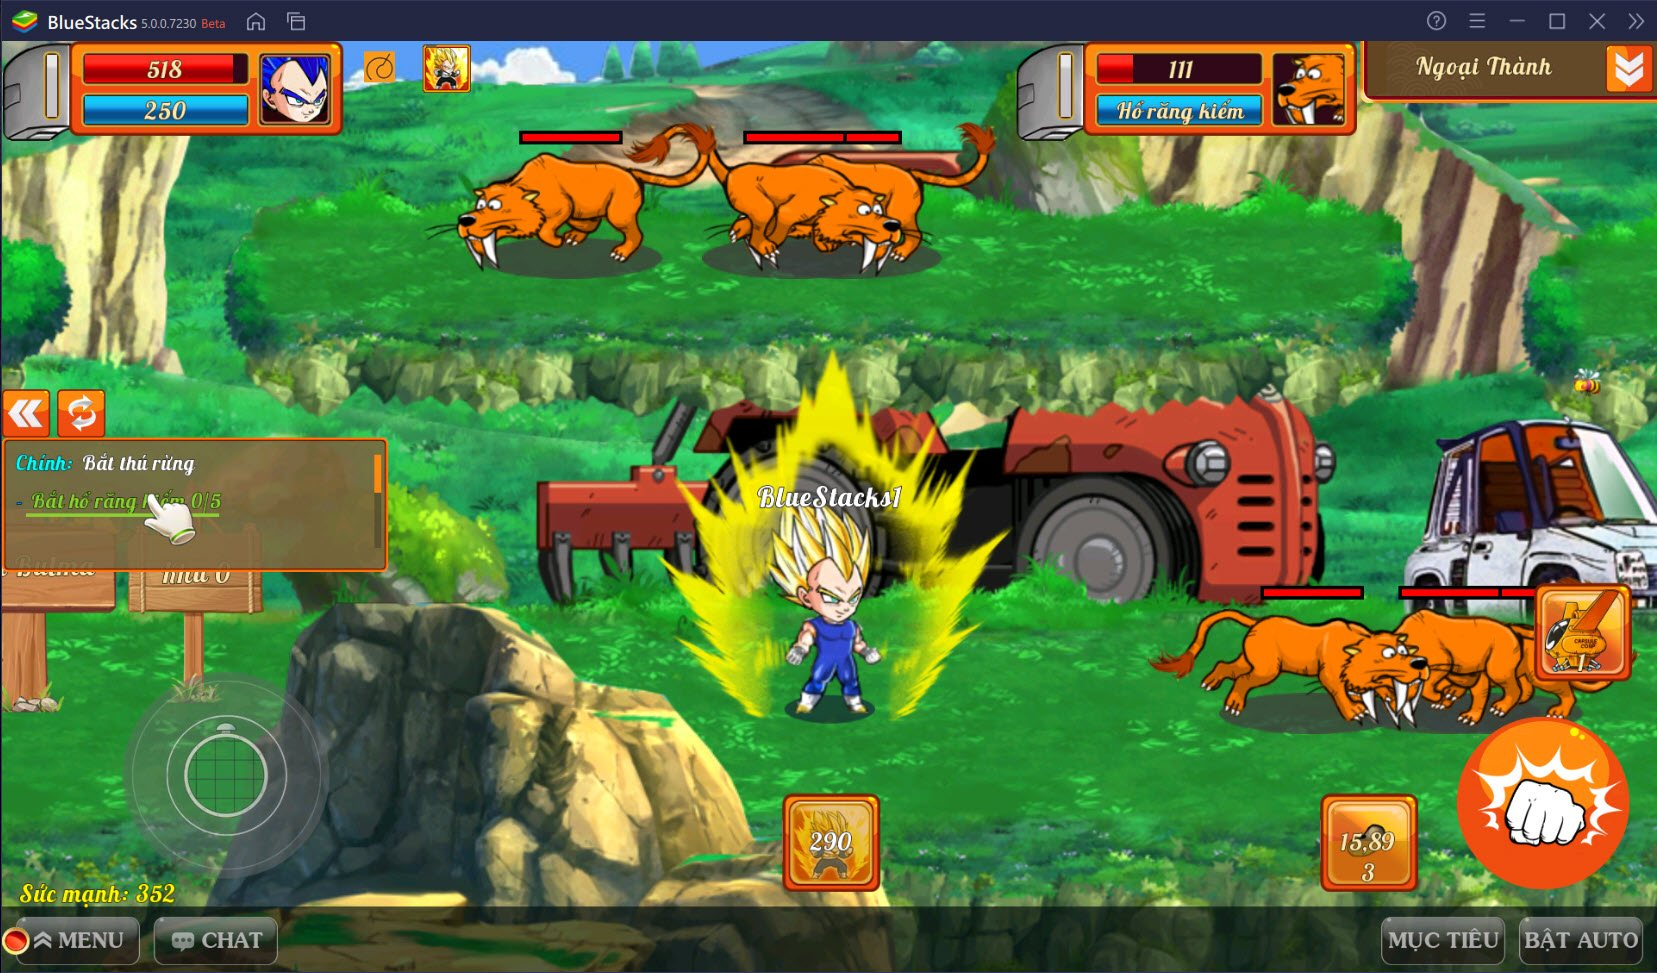 Trải nghiệm Gọi Rồng Online, tựa game mobile Dragon Ball mới